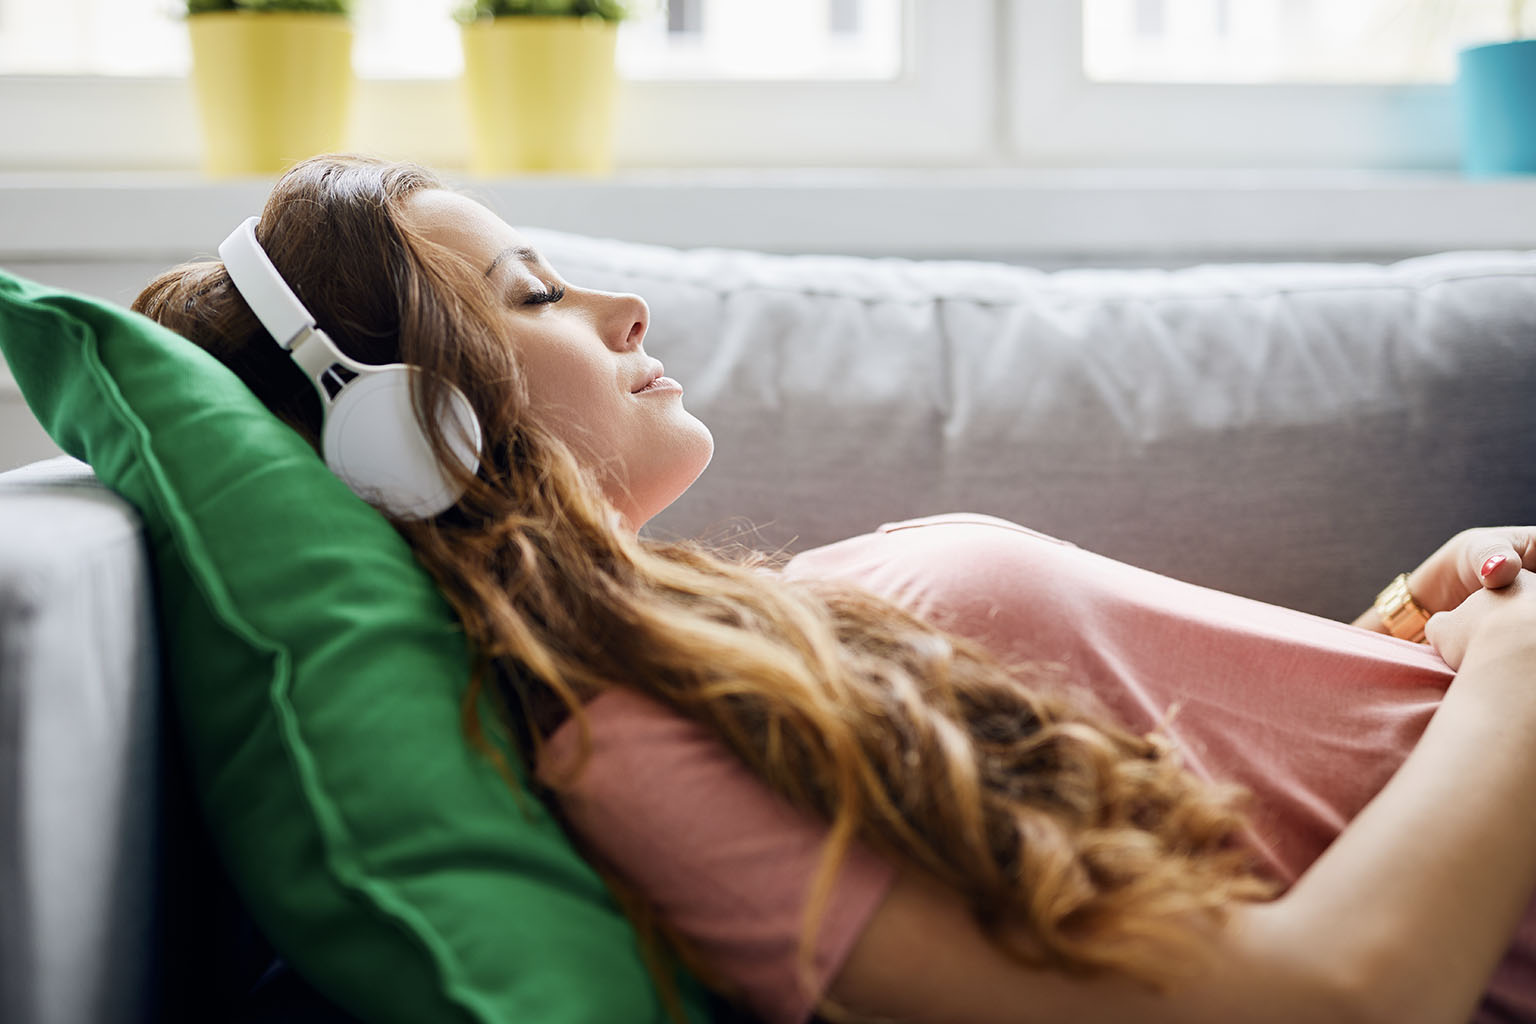 Jak radzić sobie ze stresem i napięciem? Kobieta ze słuchawkami na uszach leży na kanapie i słucha muzyki.